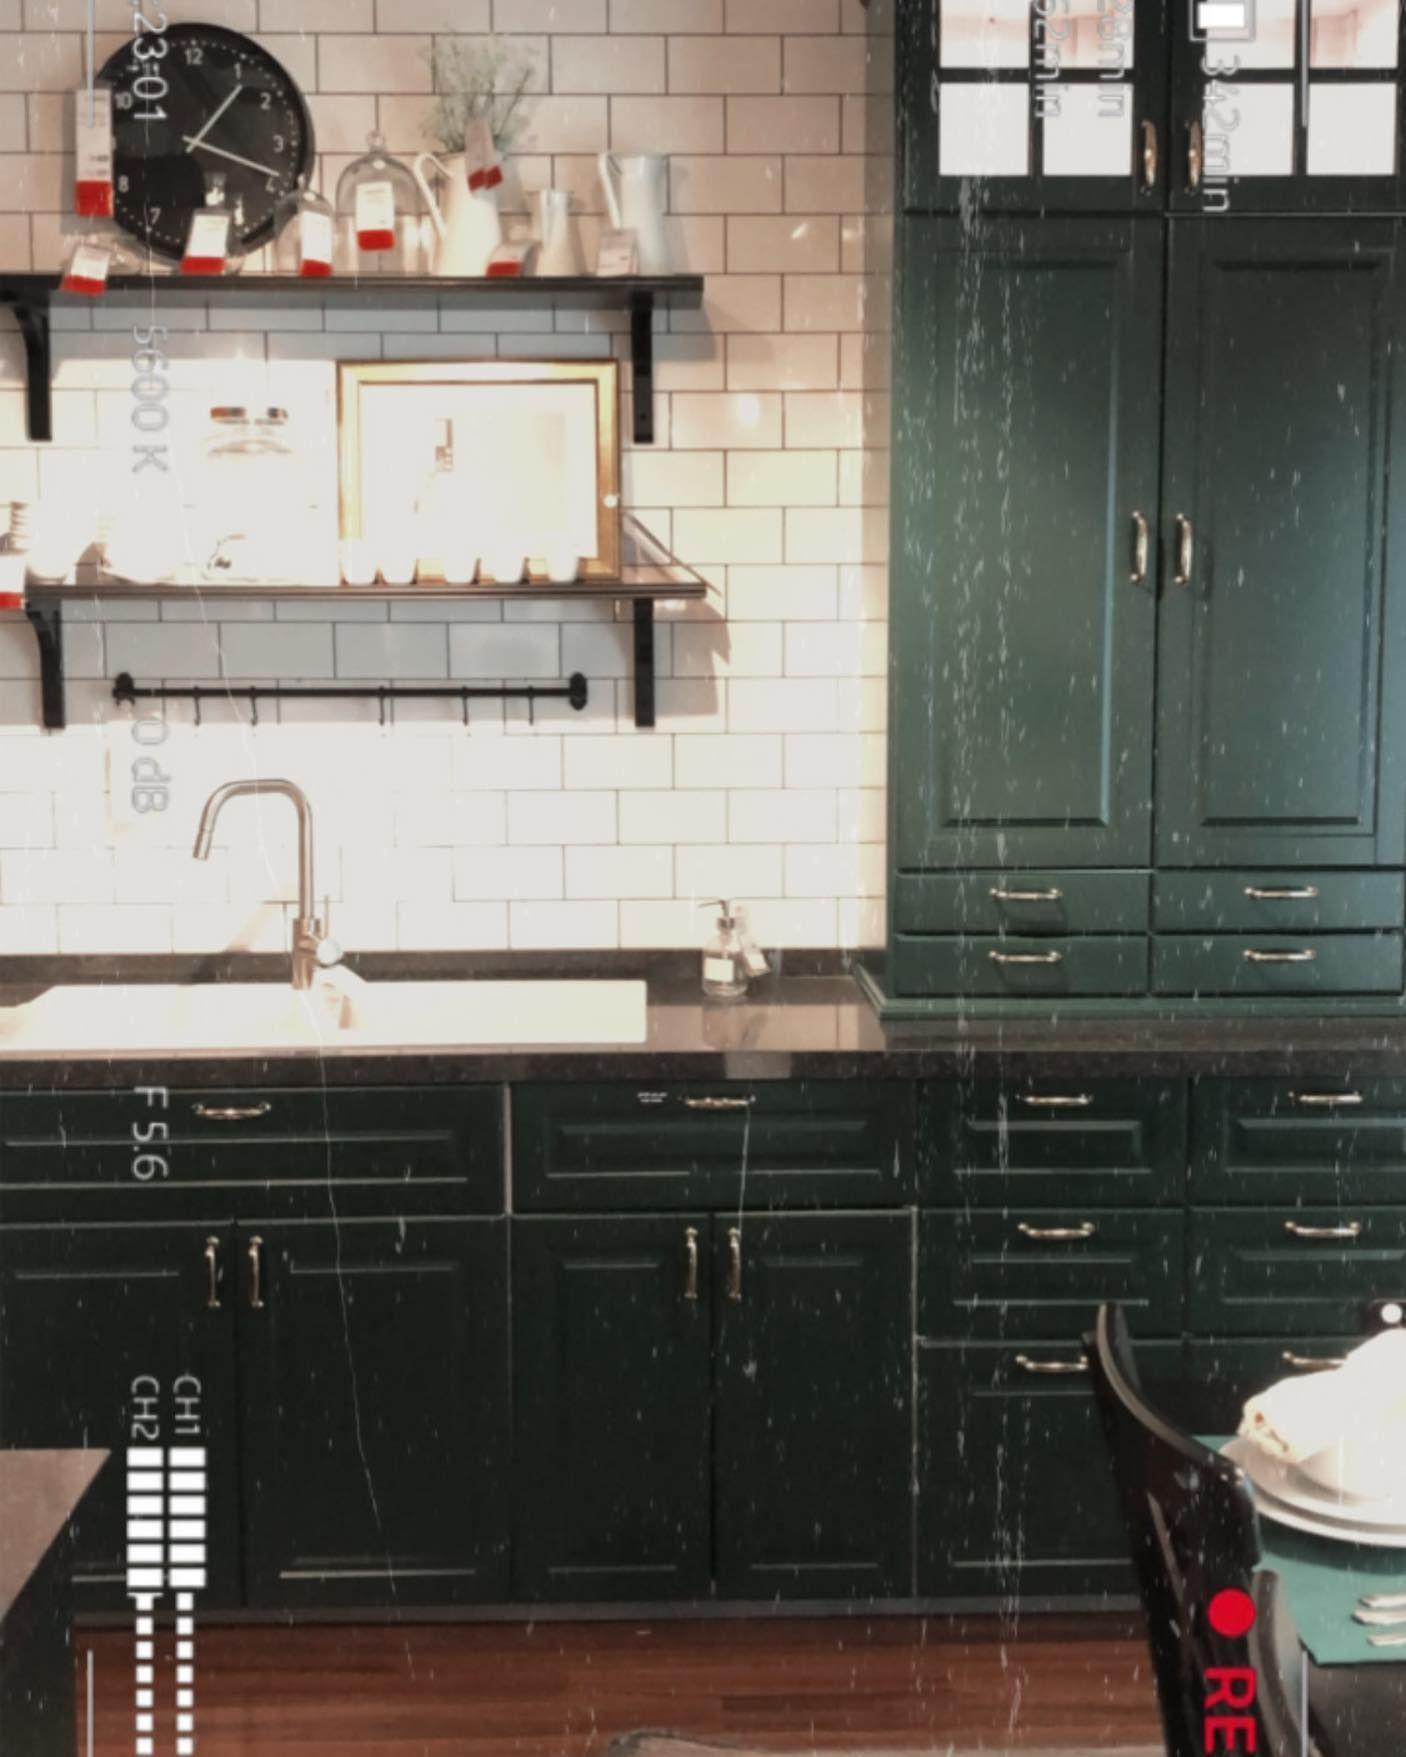 تنسيق وحدات المطبخ مهم جدا لازم وانتي بتنفذي مطبخك تراعي احتياجاتك انتي ايه بغض النظر عن الترتيب المتعارف عليه ممك Kitchen Cabinets Home Decor Interior Design